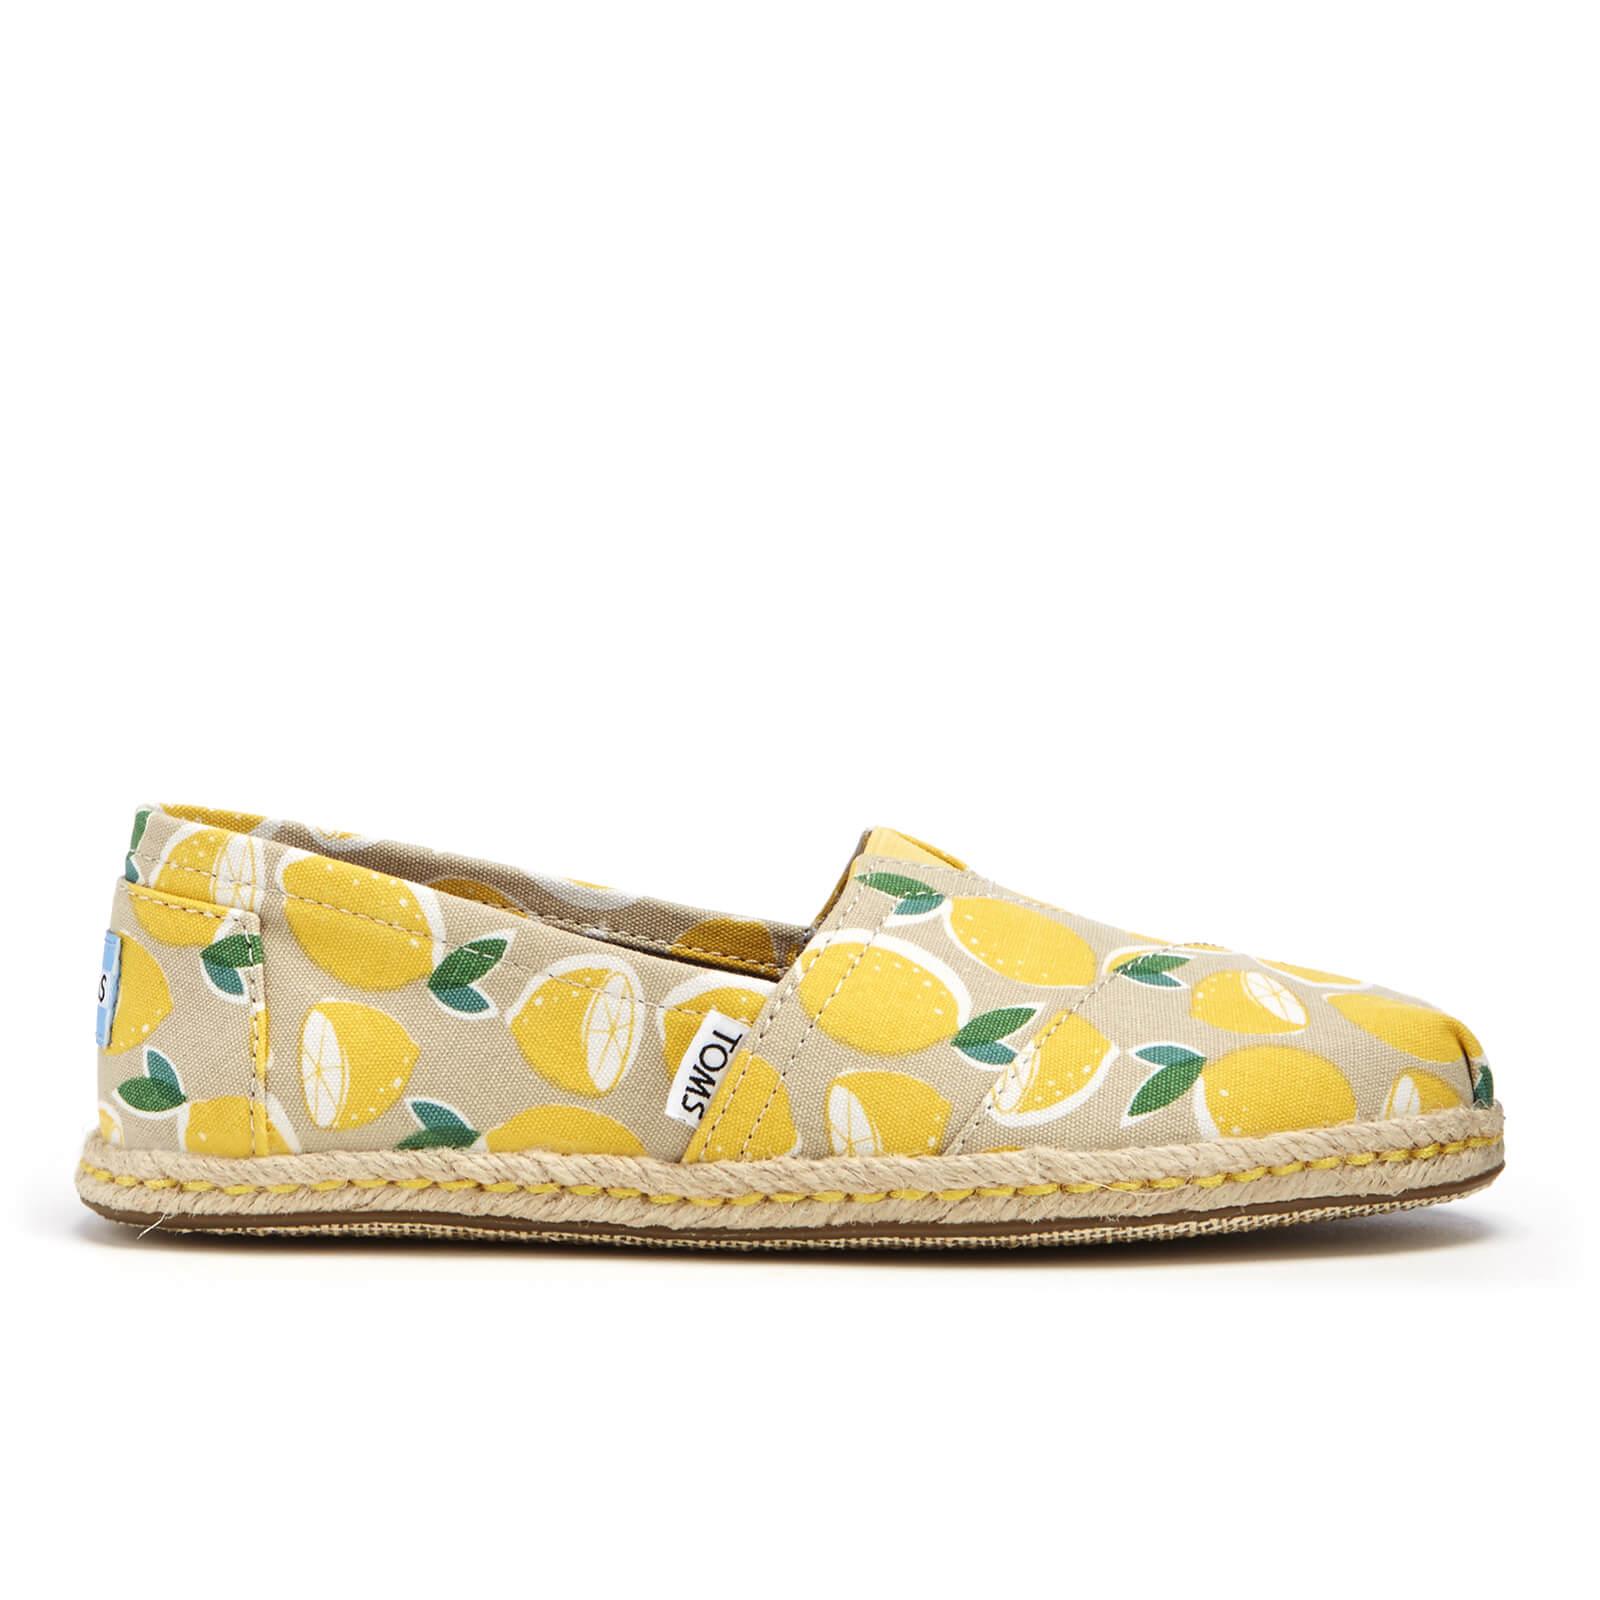 9338be6a0ca TOMS Women s Seasonal Classic Lemon s Slip-On Pumps - Yellow Lemons Rope  Sole Womens Footwear